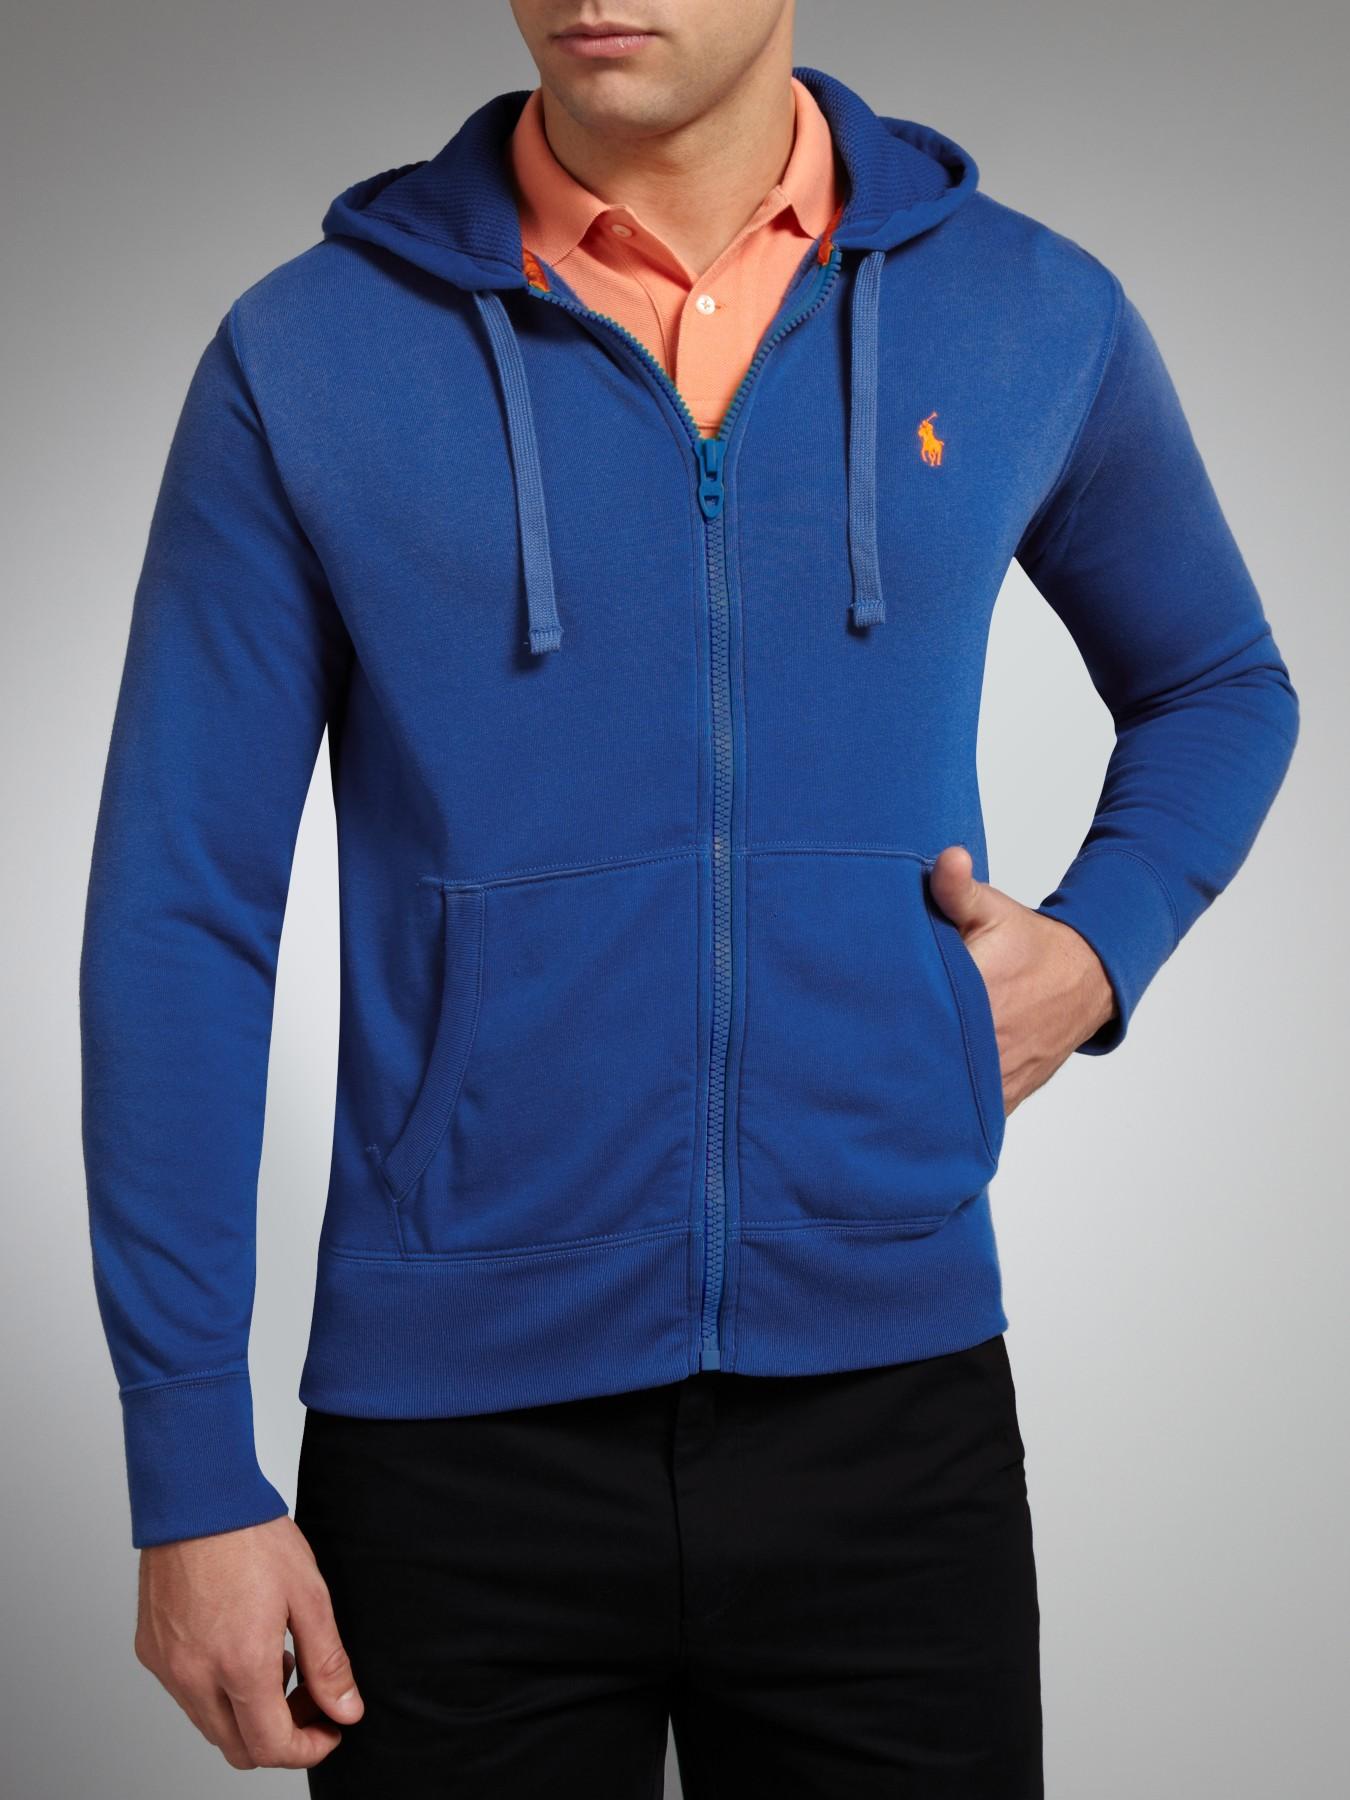 3faf843ec ... ireland polo ralph lauren full zip fleece hoodie in blue for men lyst  f9179 c691e